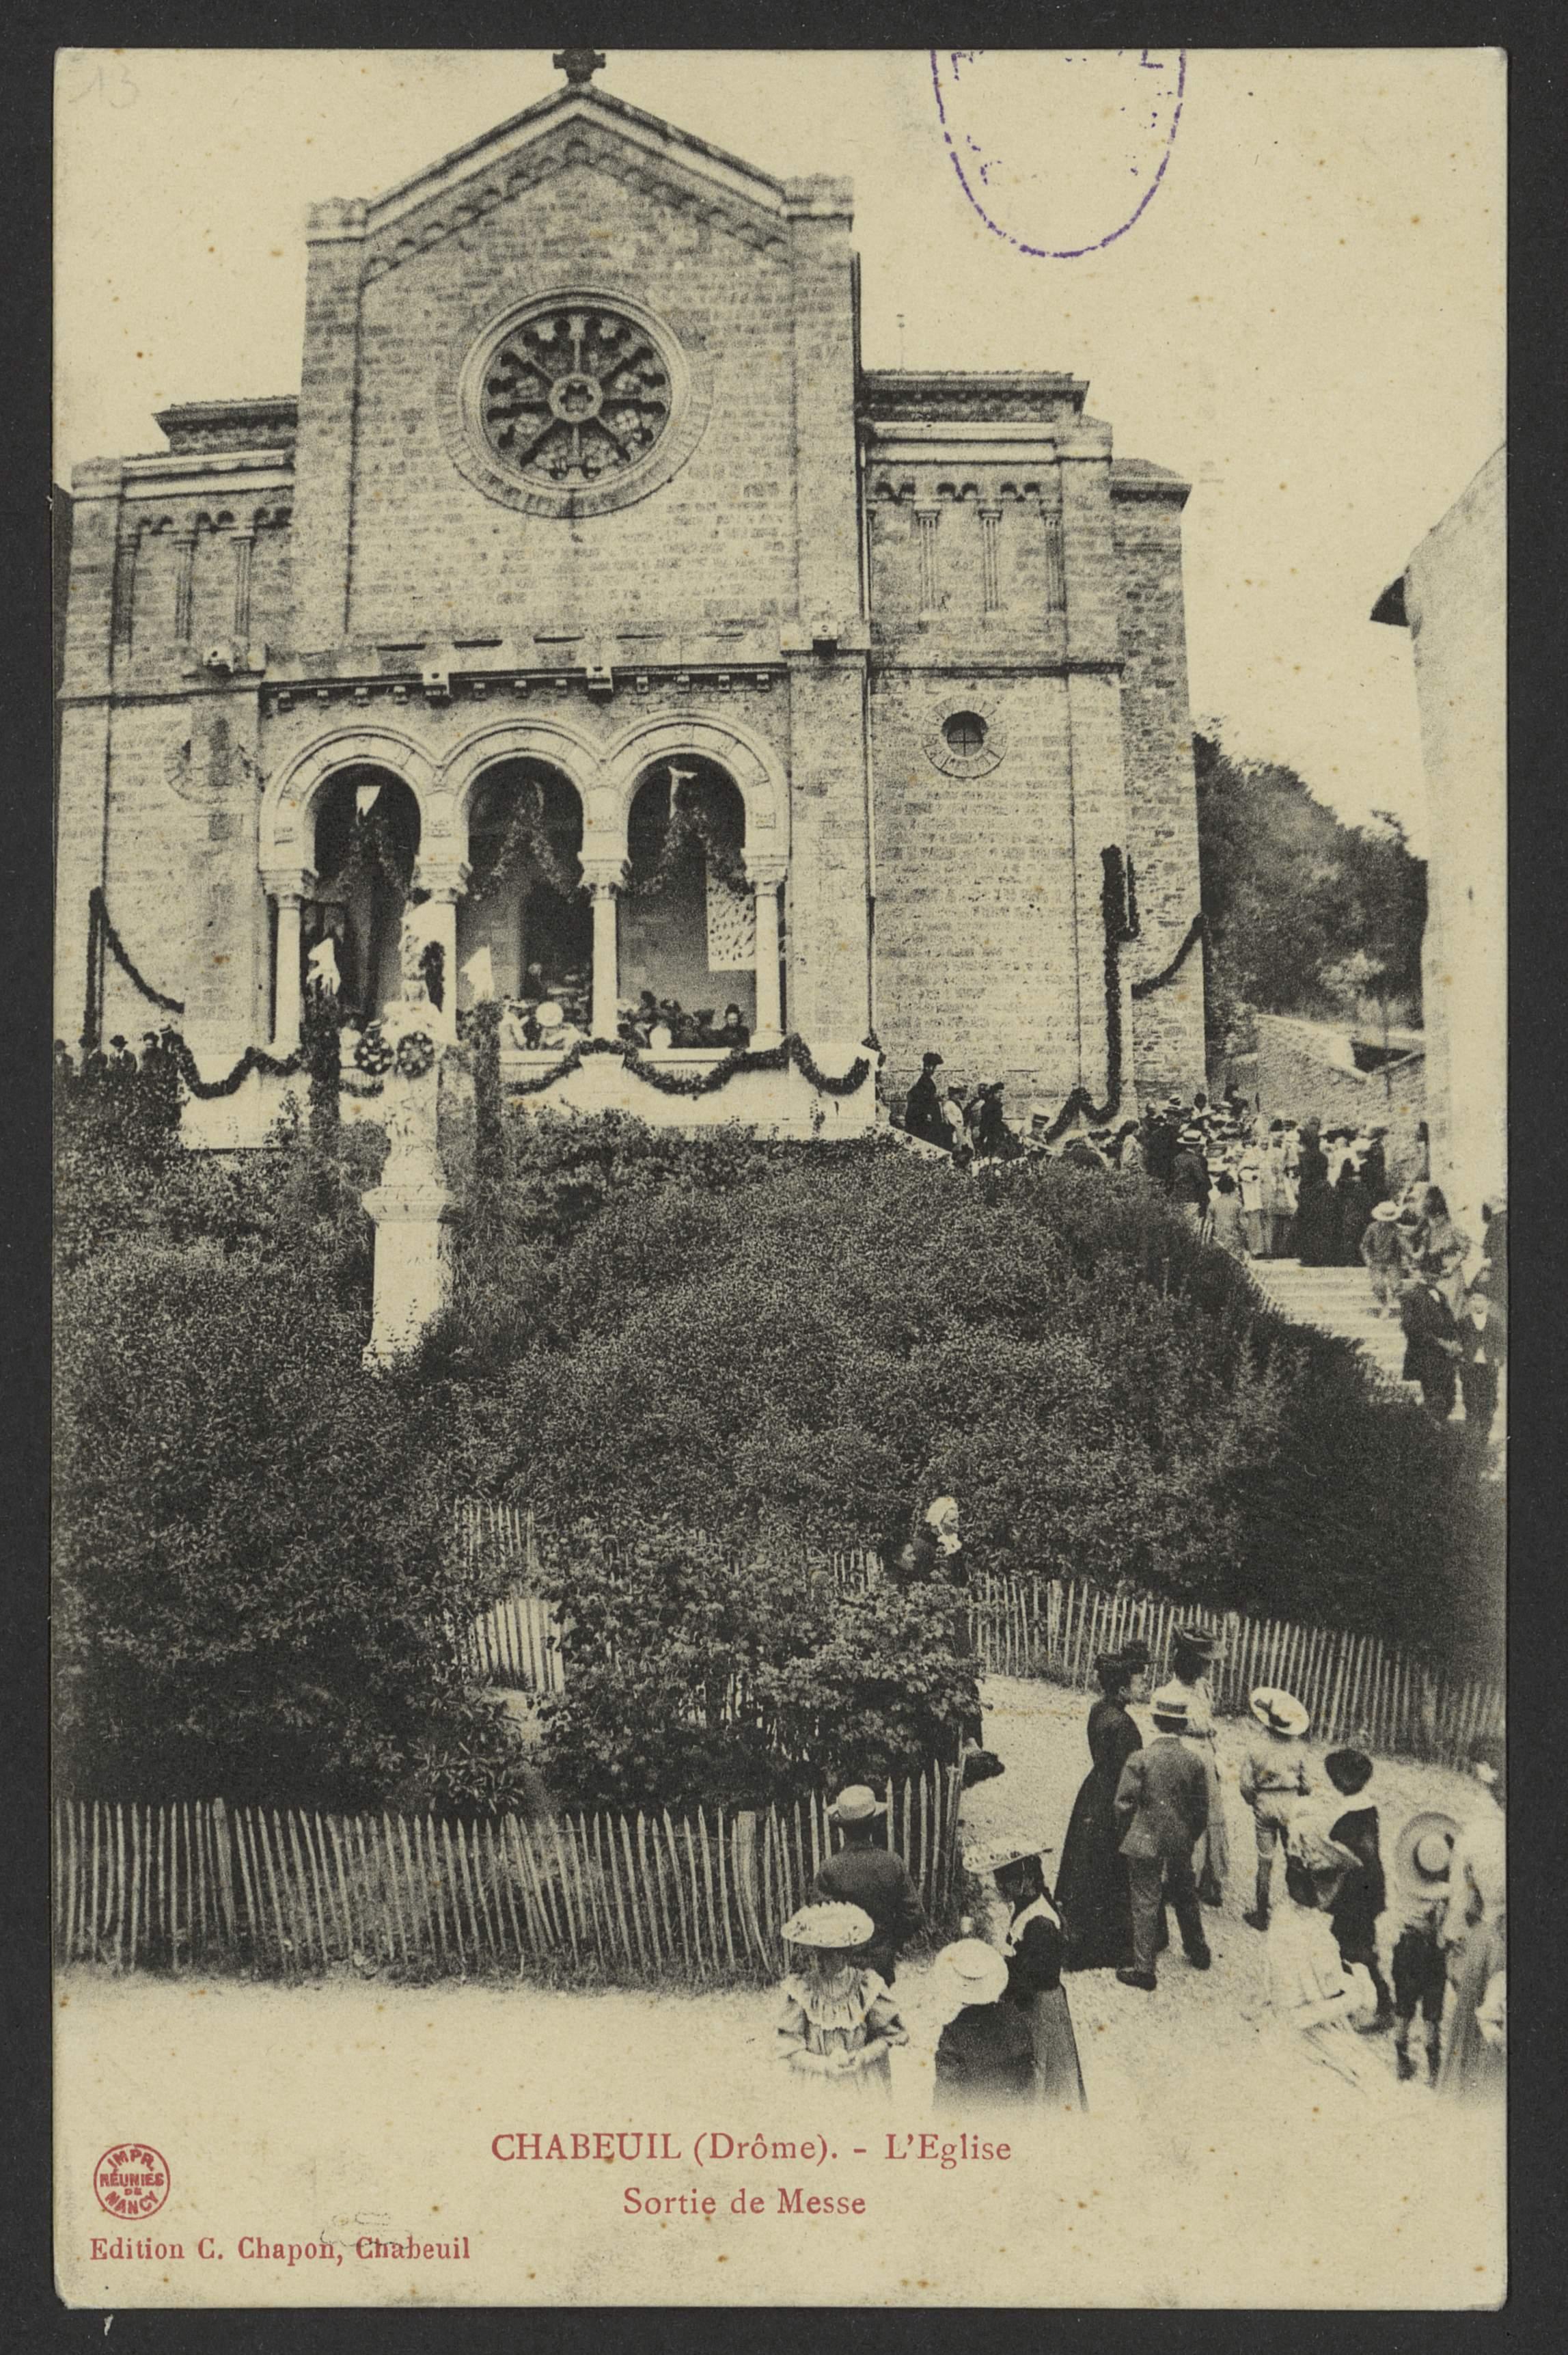 Chabeuil (Drôme). - L'Eglise - Sortie de Messe